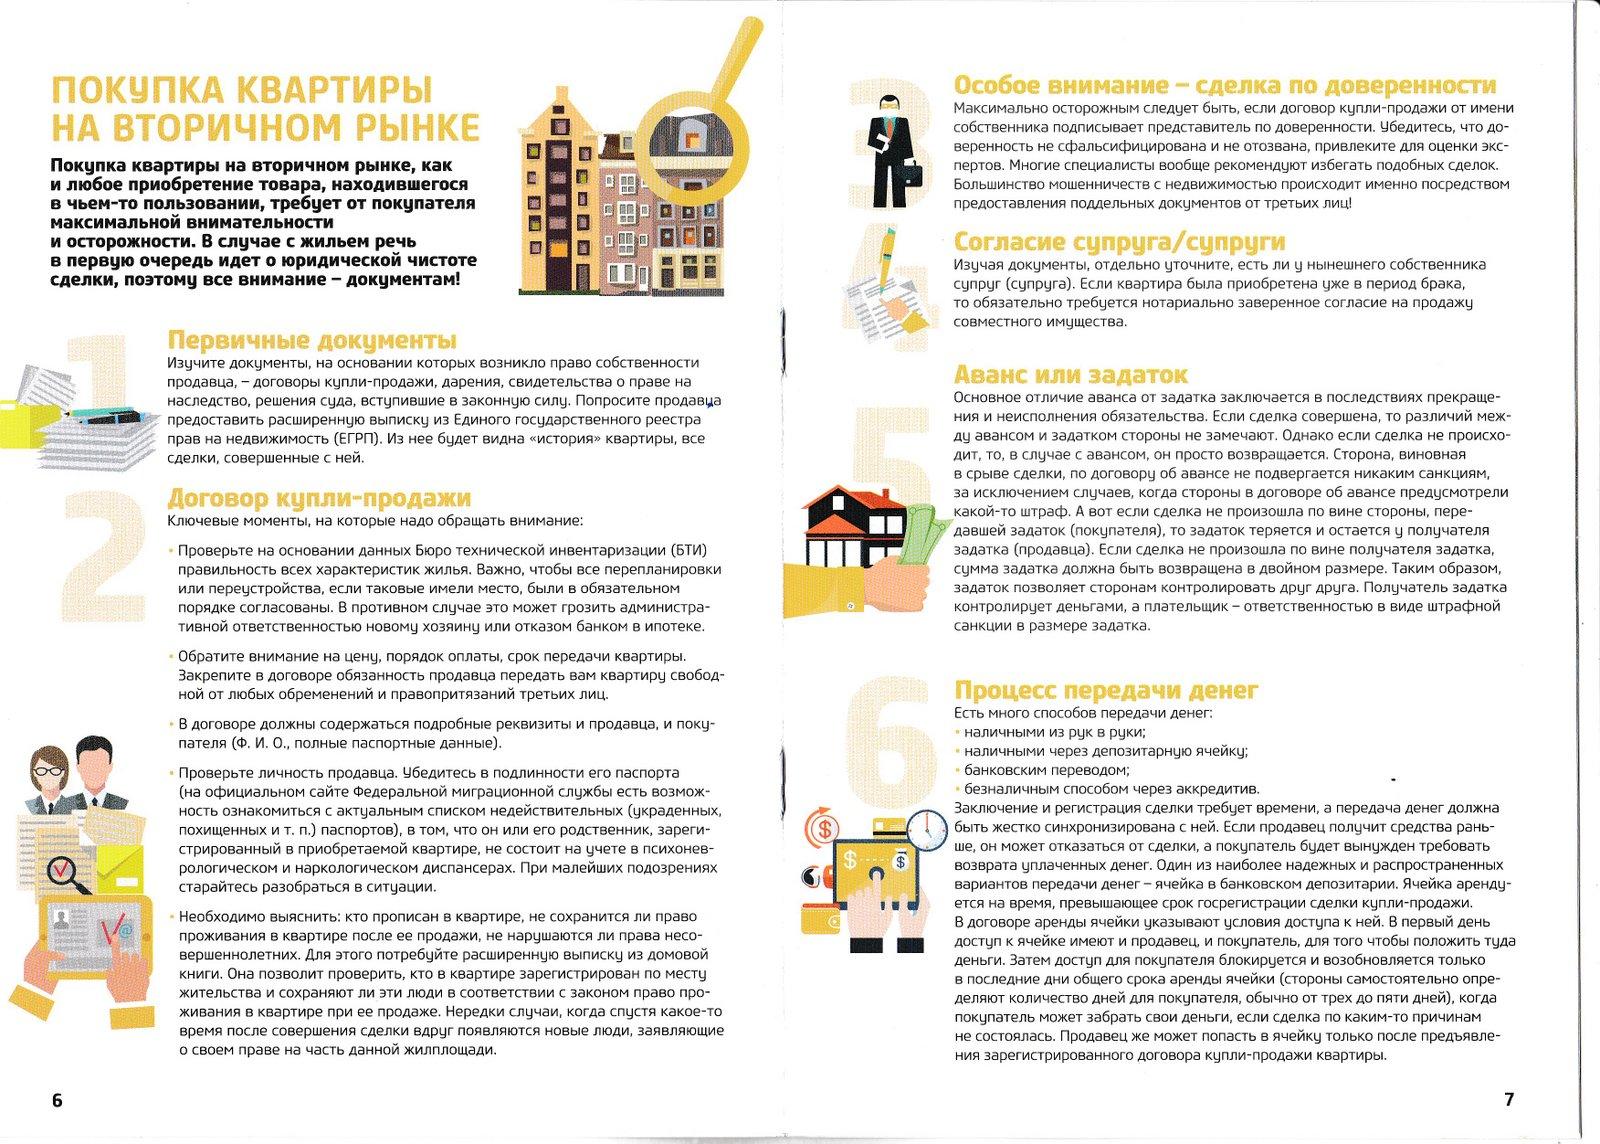 Как защитить деньги при при покупке/продаже квартиры (брошюра Минфина)